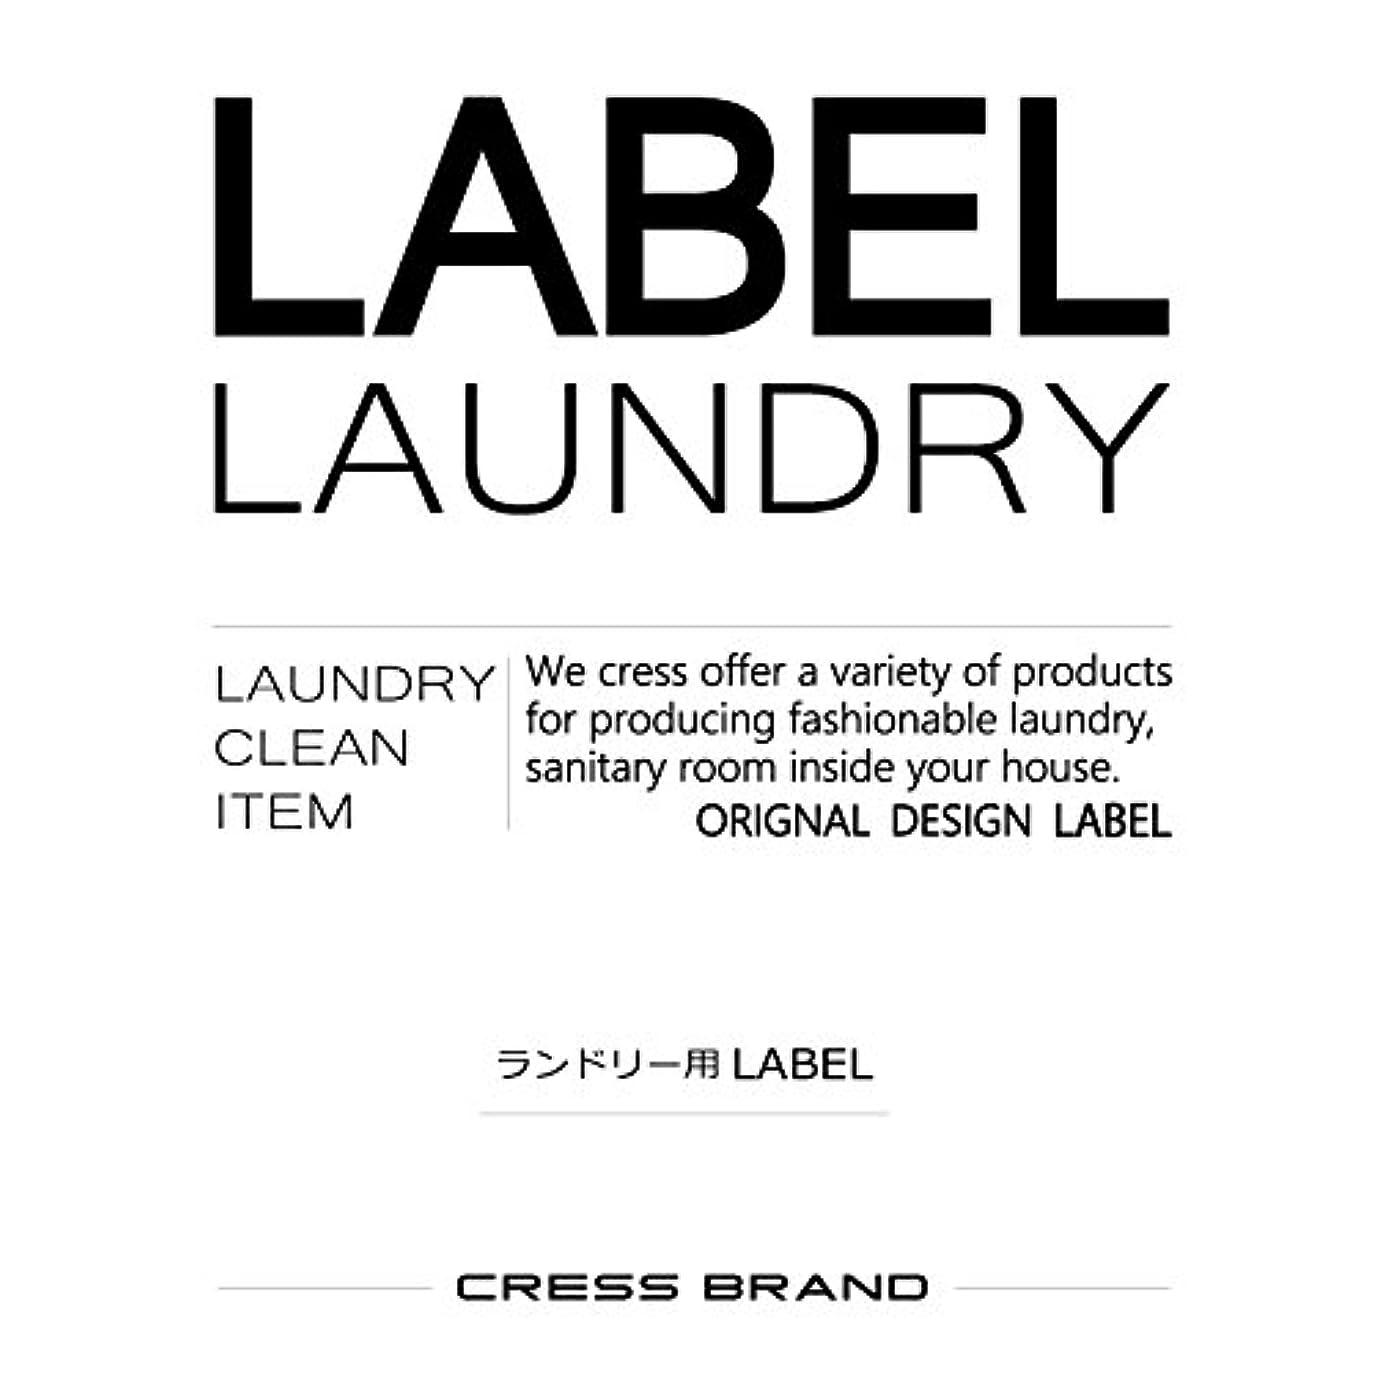 降雨主要な前件Stylish-Laundry-label『スタイリッシュ調?ランドリーラベル』ラベルのみ